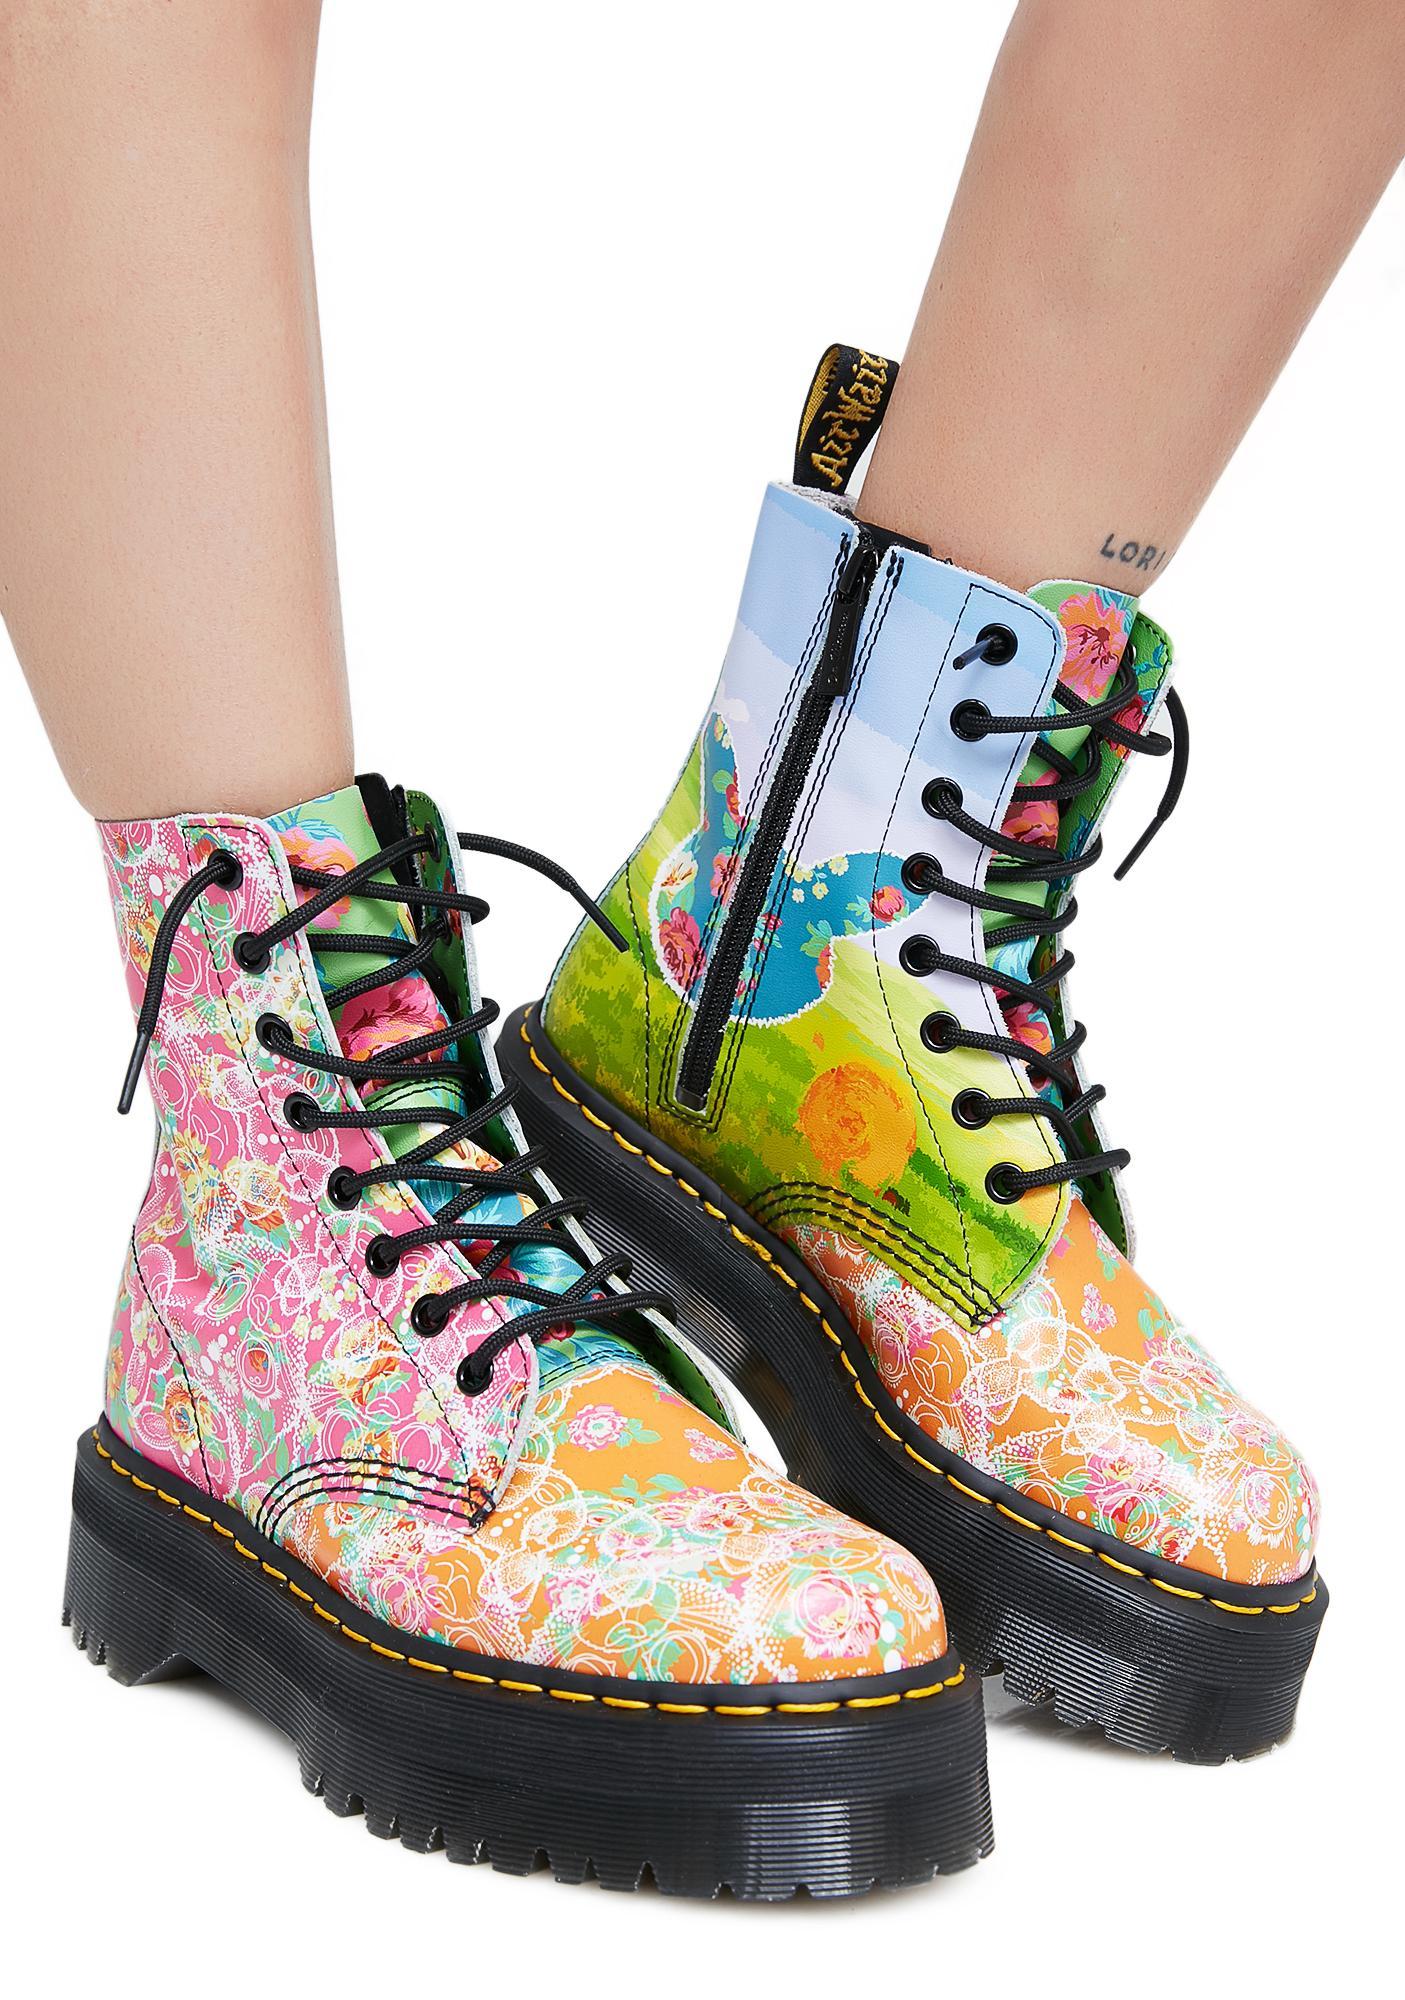 Dr. Martens Jadon Daze Boots